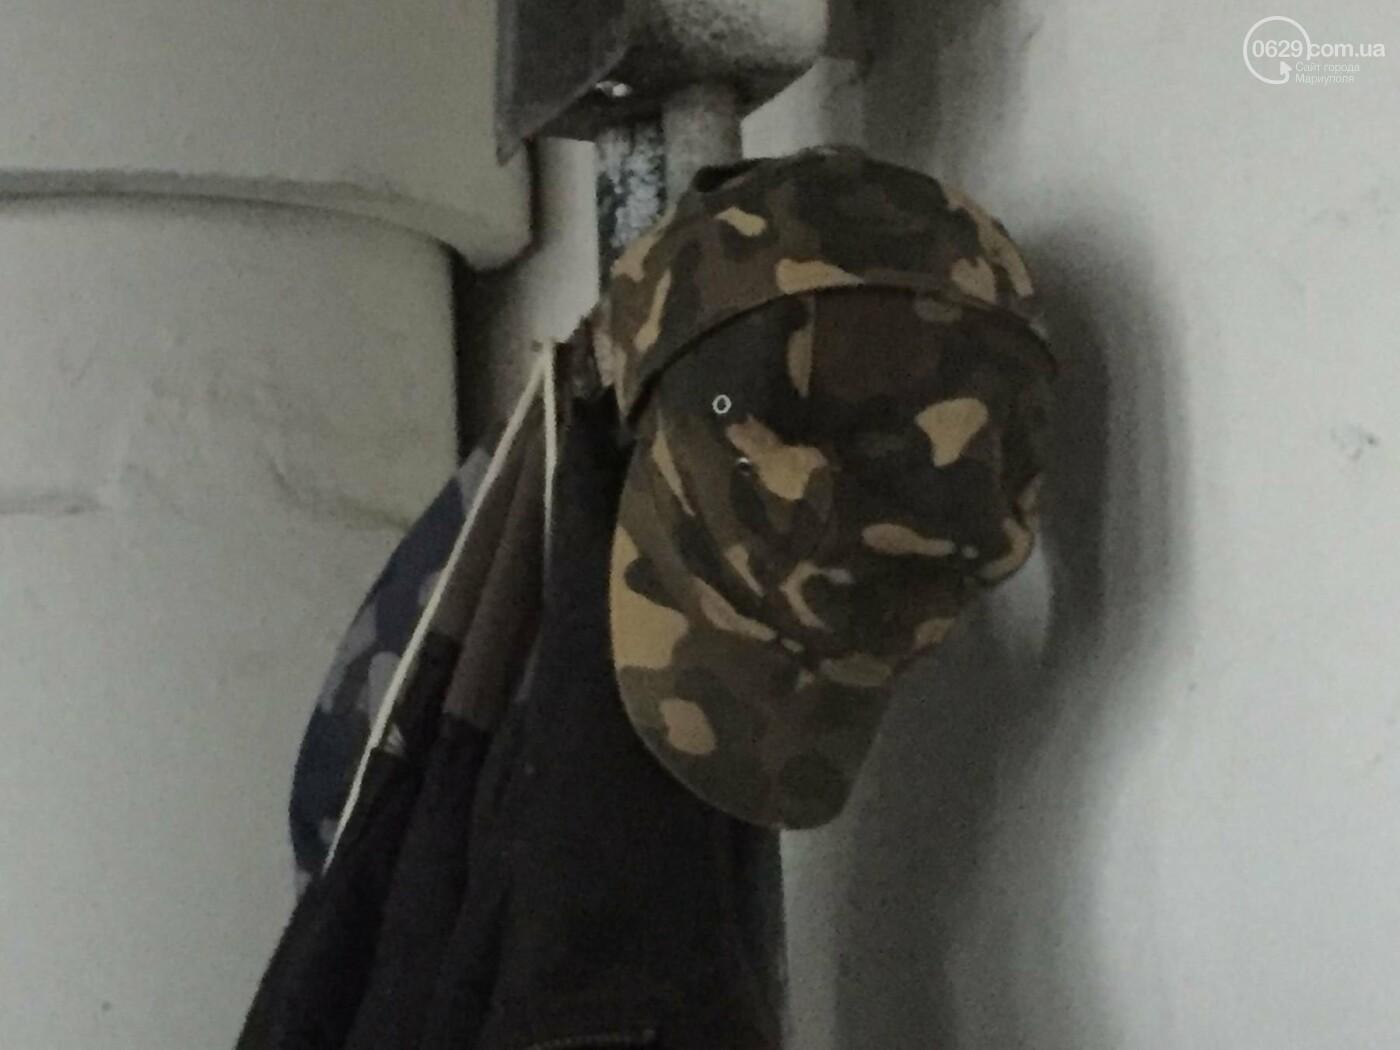 Гражданин Польши, живущий в подъезде, пугает жителей Левобережья, - ФОТО, ВИДЕО, фото-1